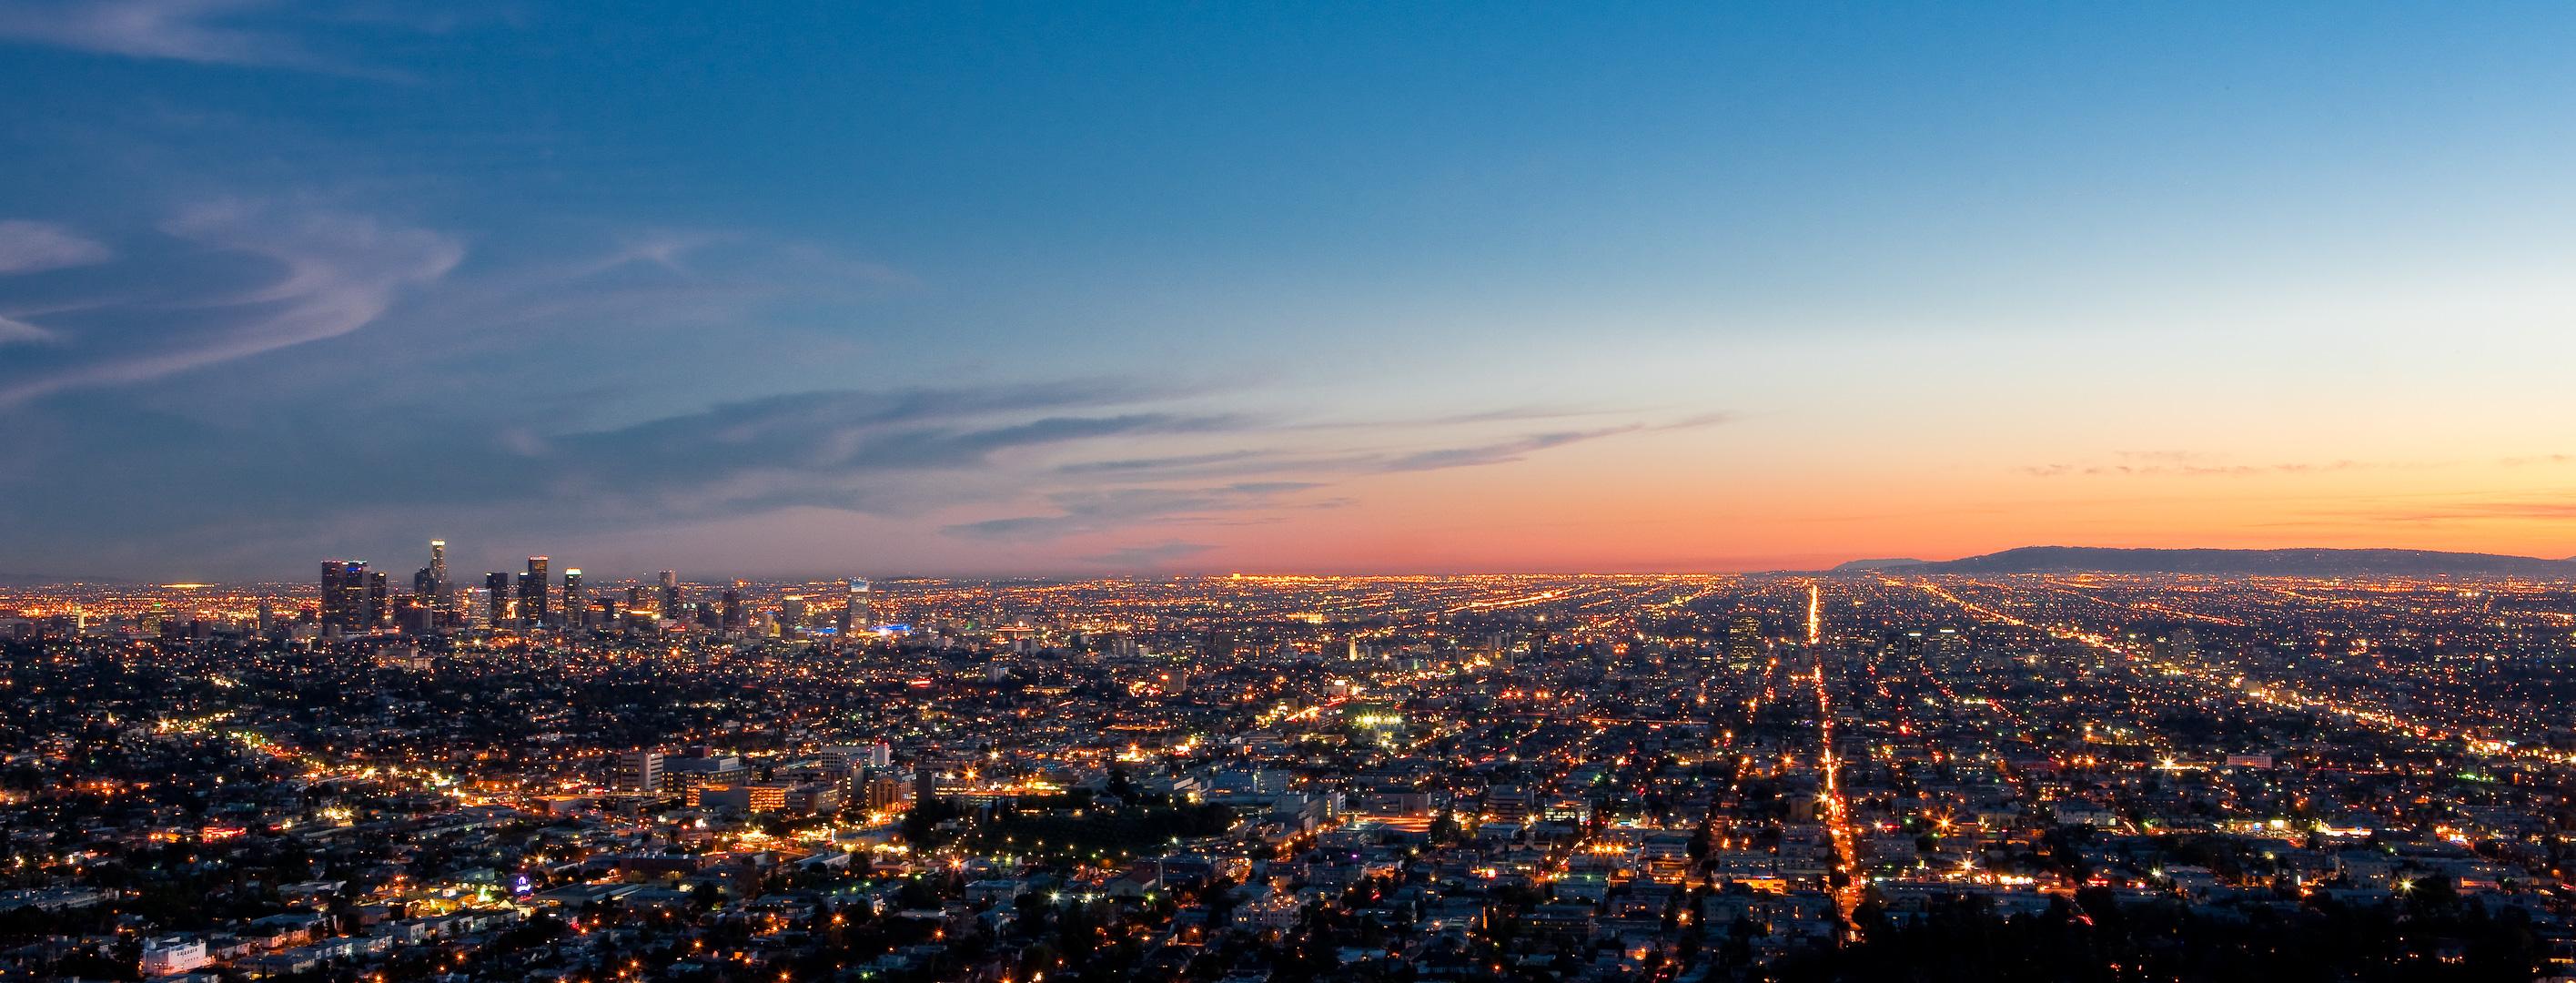 LA_Lights